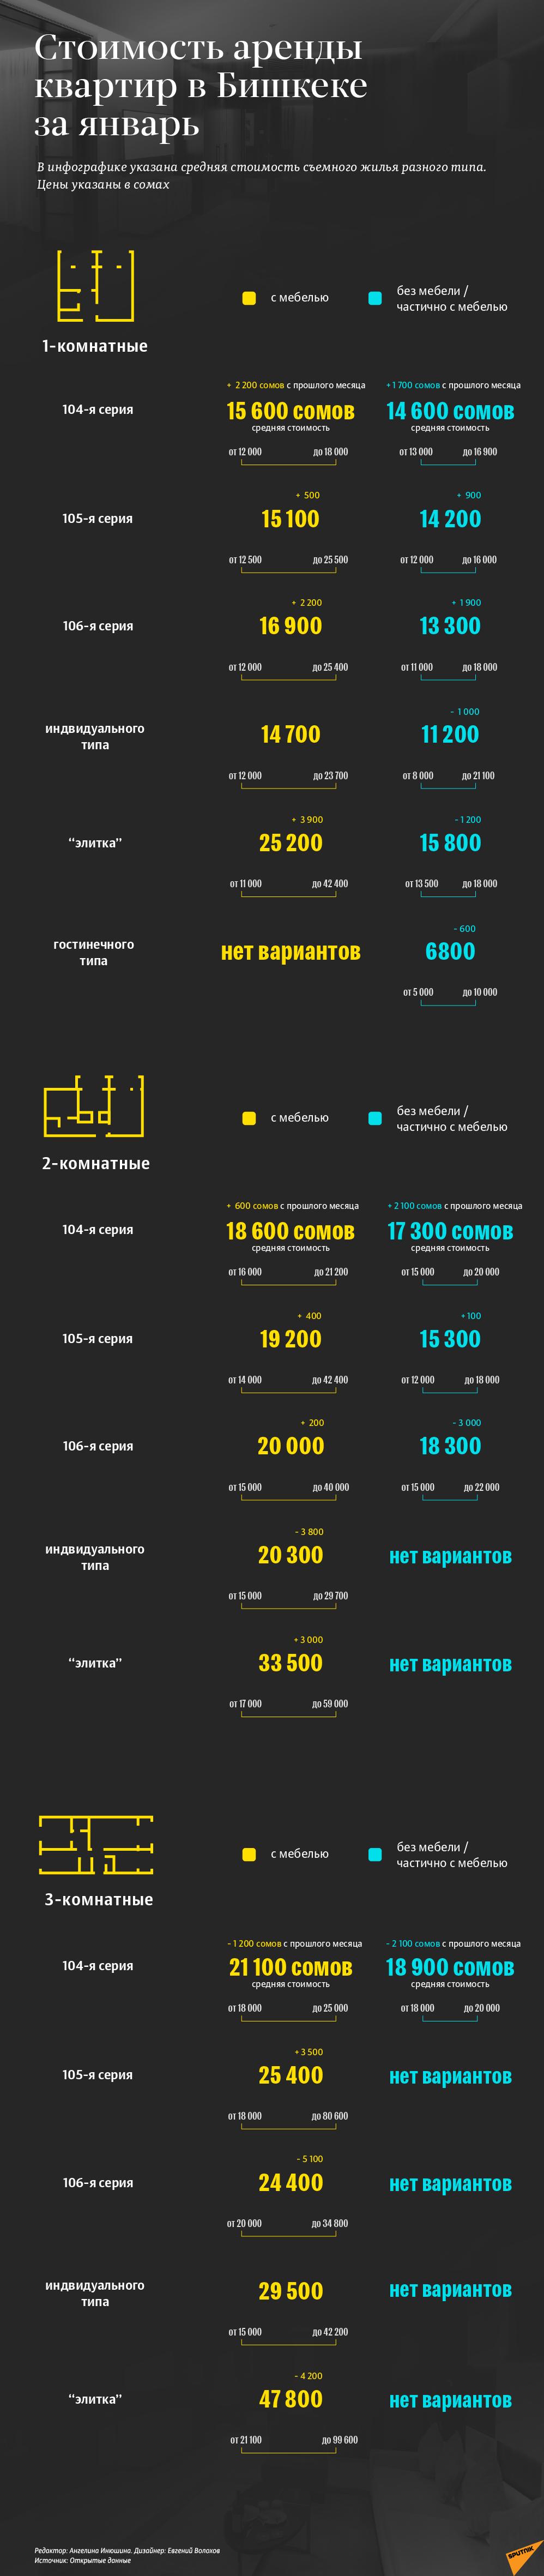 Сколько стоит арендовать квартиру в Бишкеке в январе